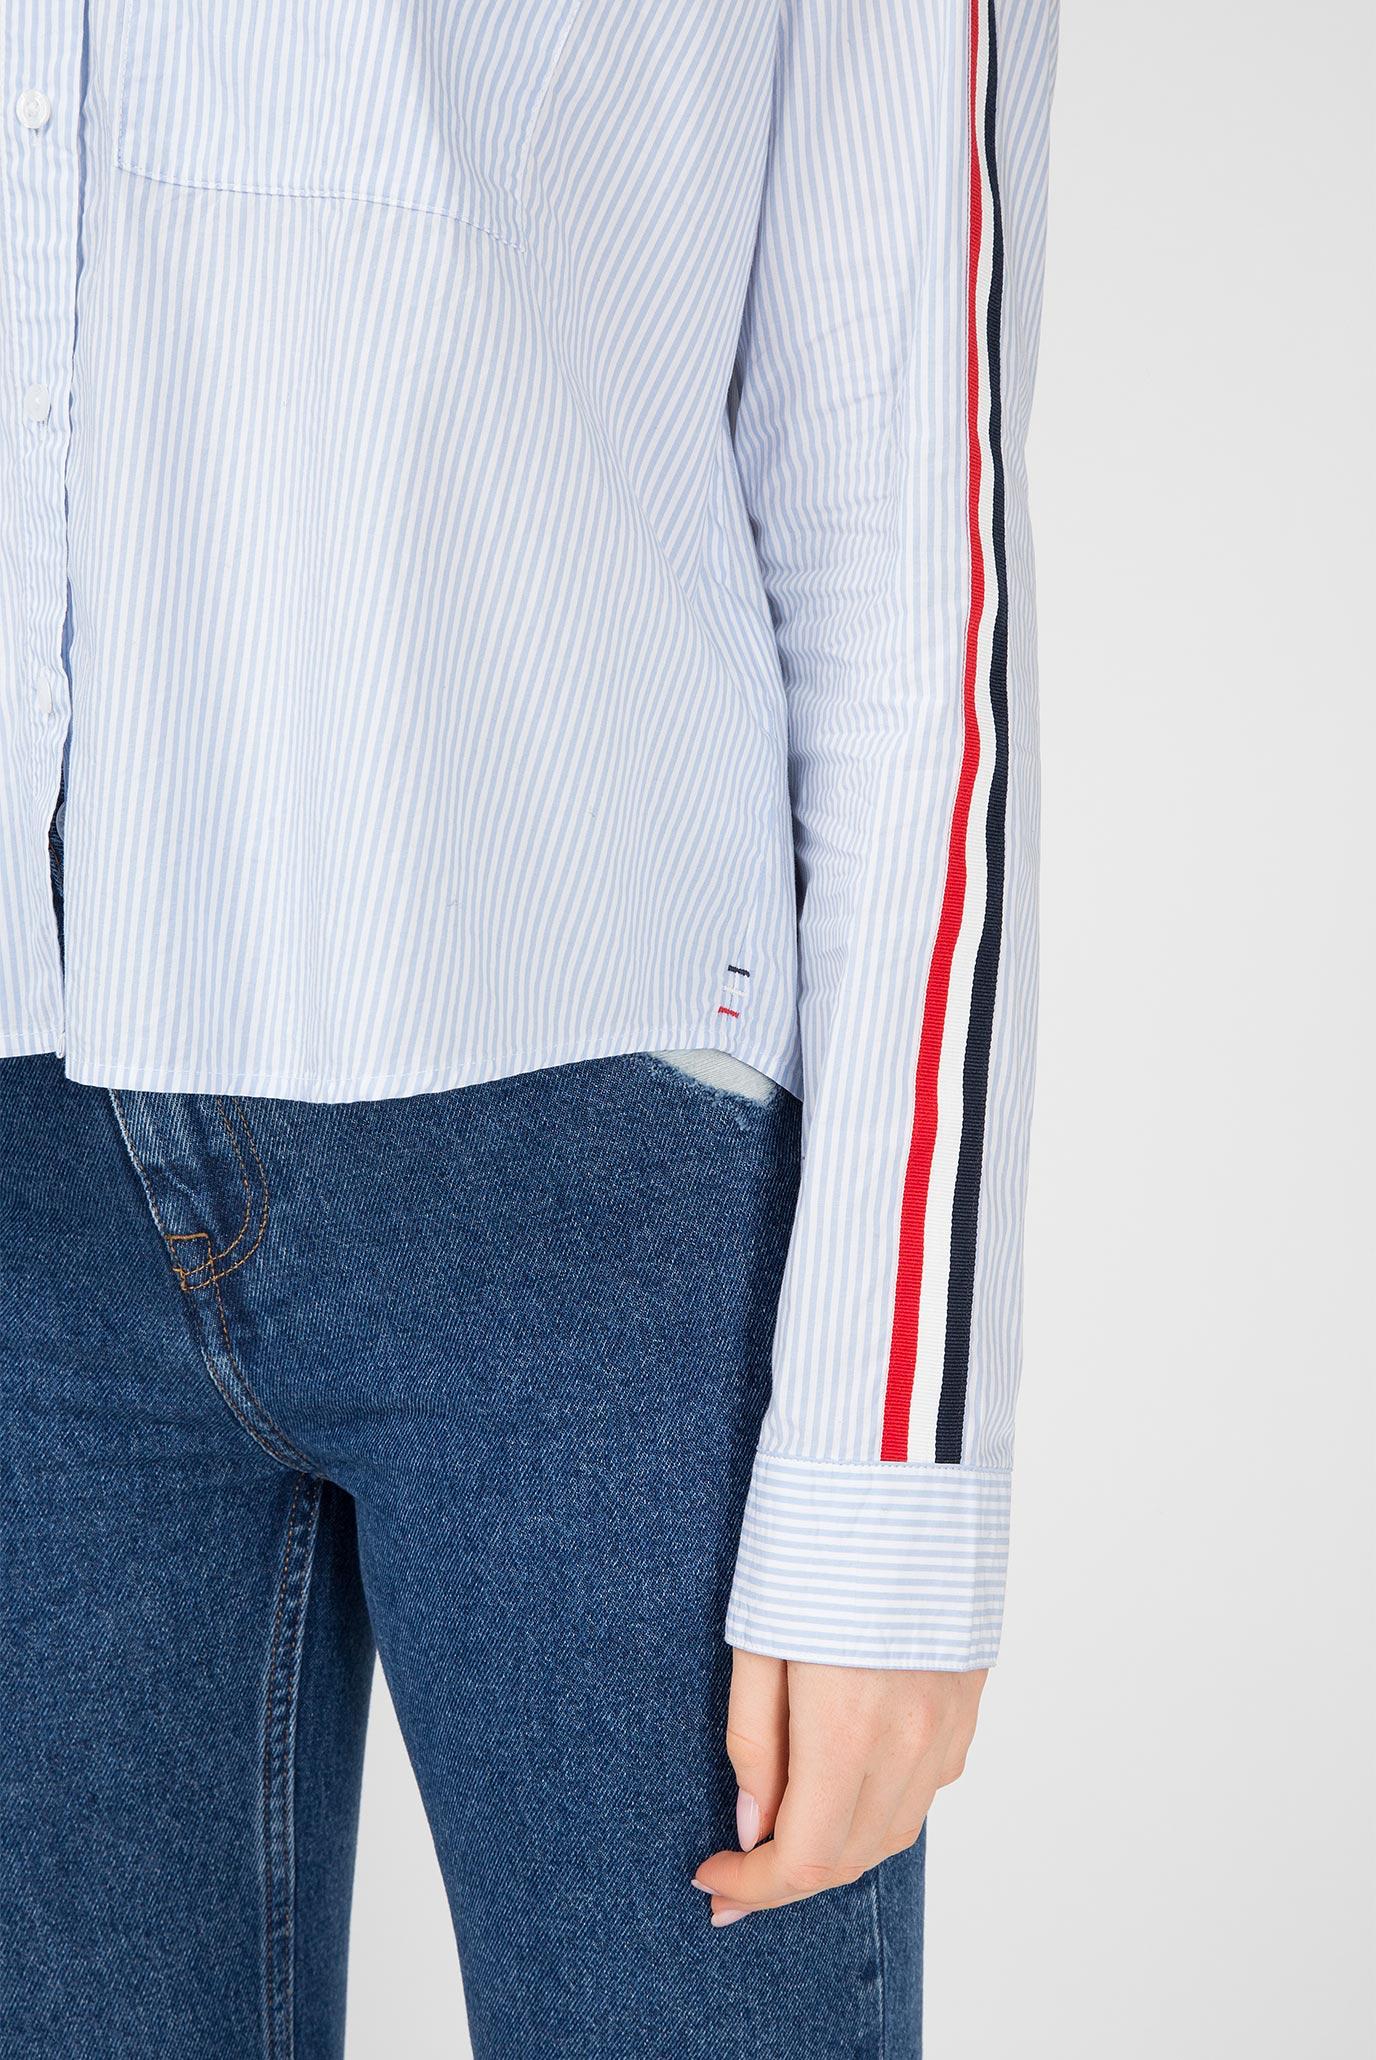 Купить Женская рубашка в полоску Tommy Hilfiger Tommy Hilfiger DW0DW05297 – Киев, Украина. Цены в интернет магазине MD Fashion